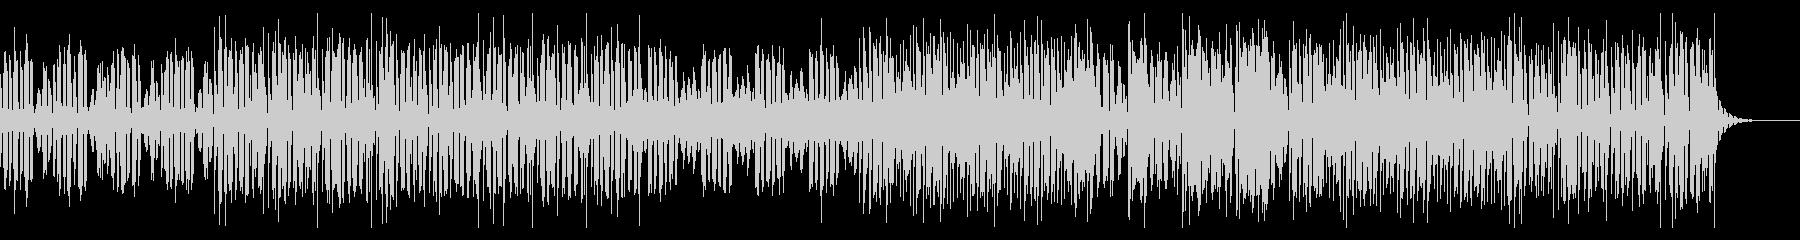 サスペンス・ミステリーの雰囲気エレクトロの未再生の波形